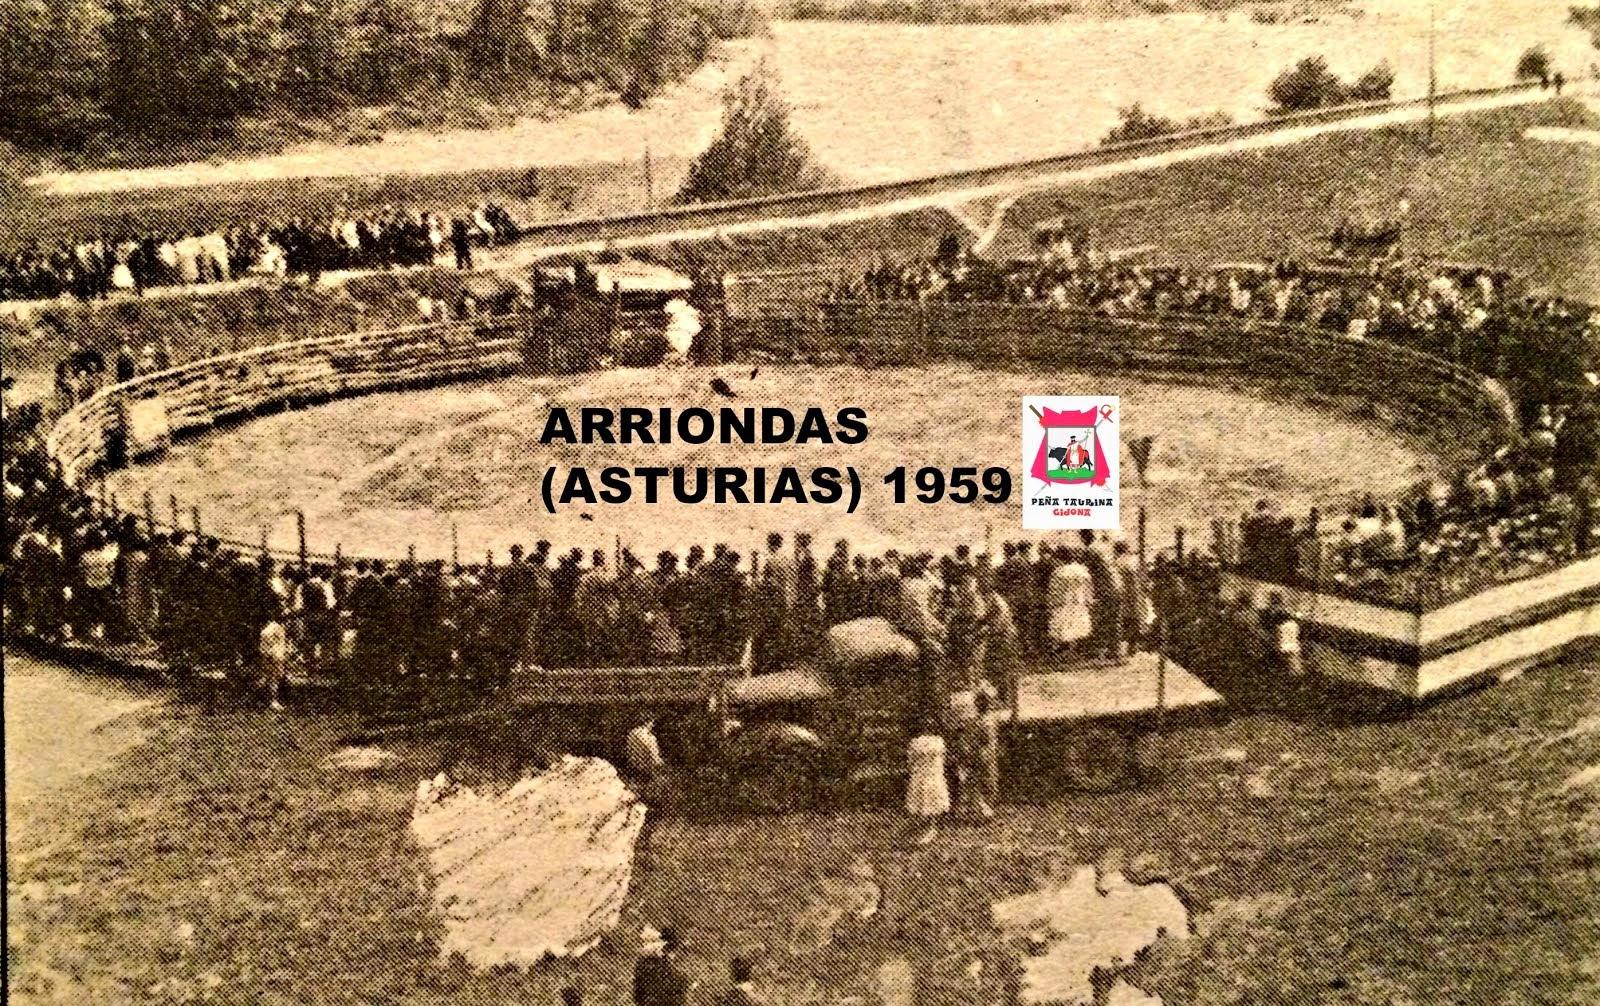 ARRIONDAS TOROS